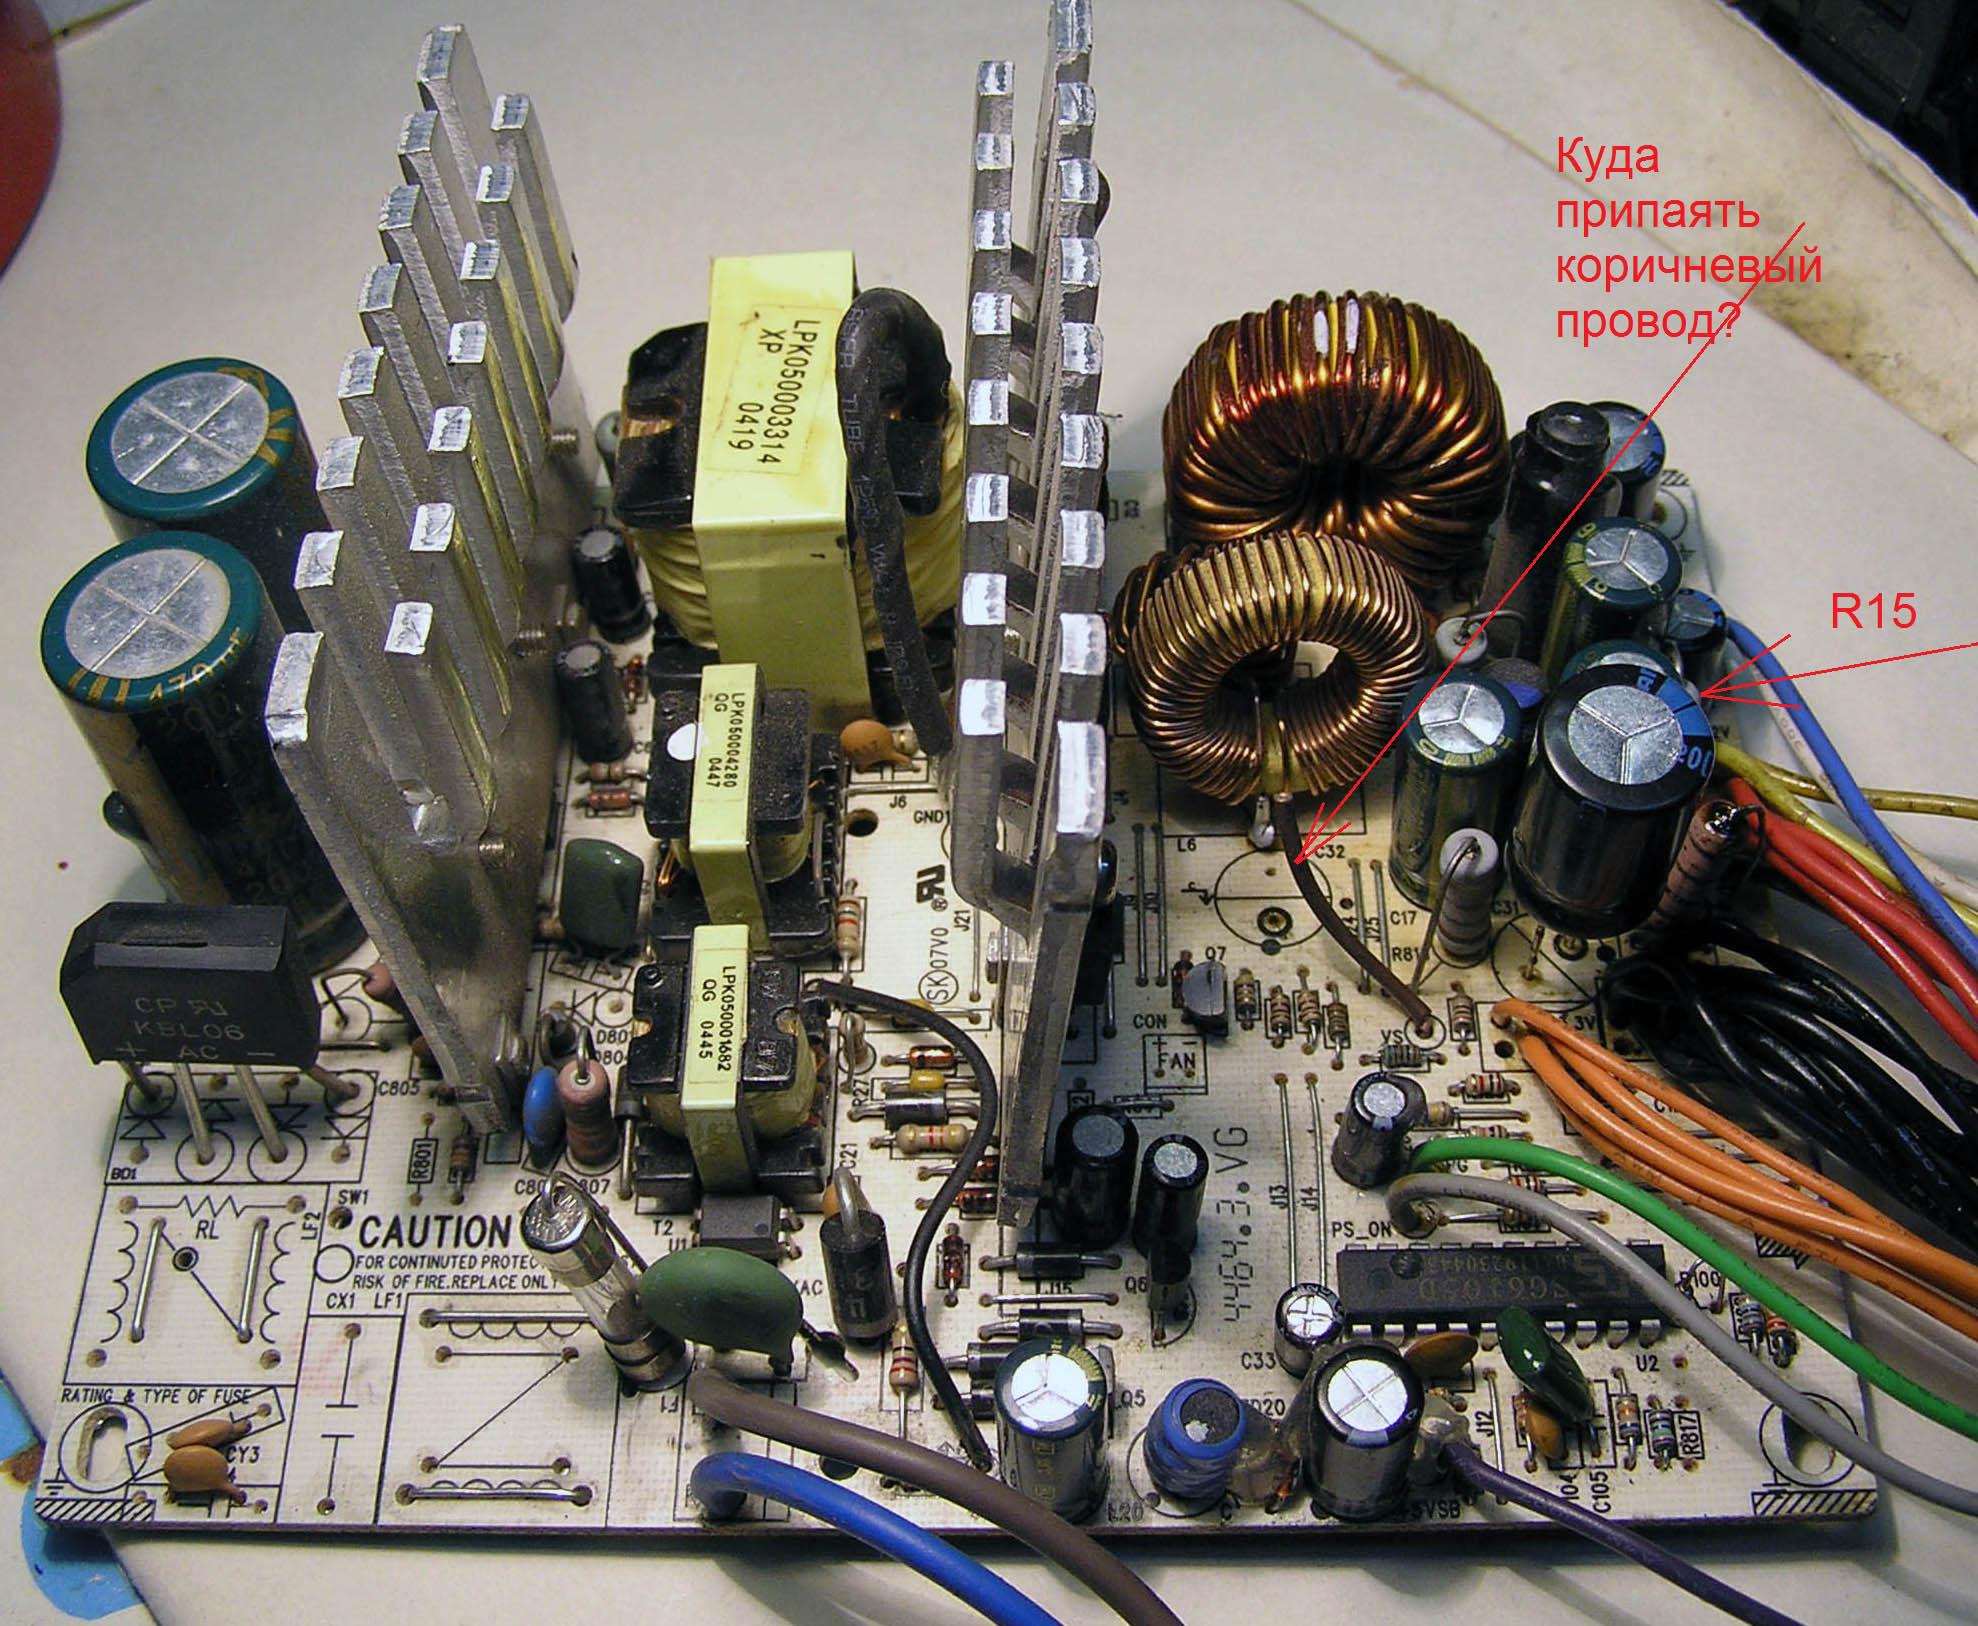 Ремонтируем блок питания компьютера